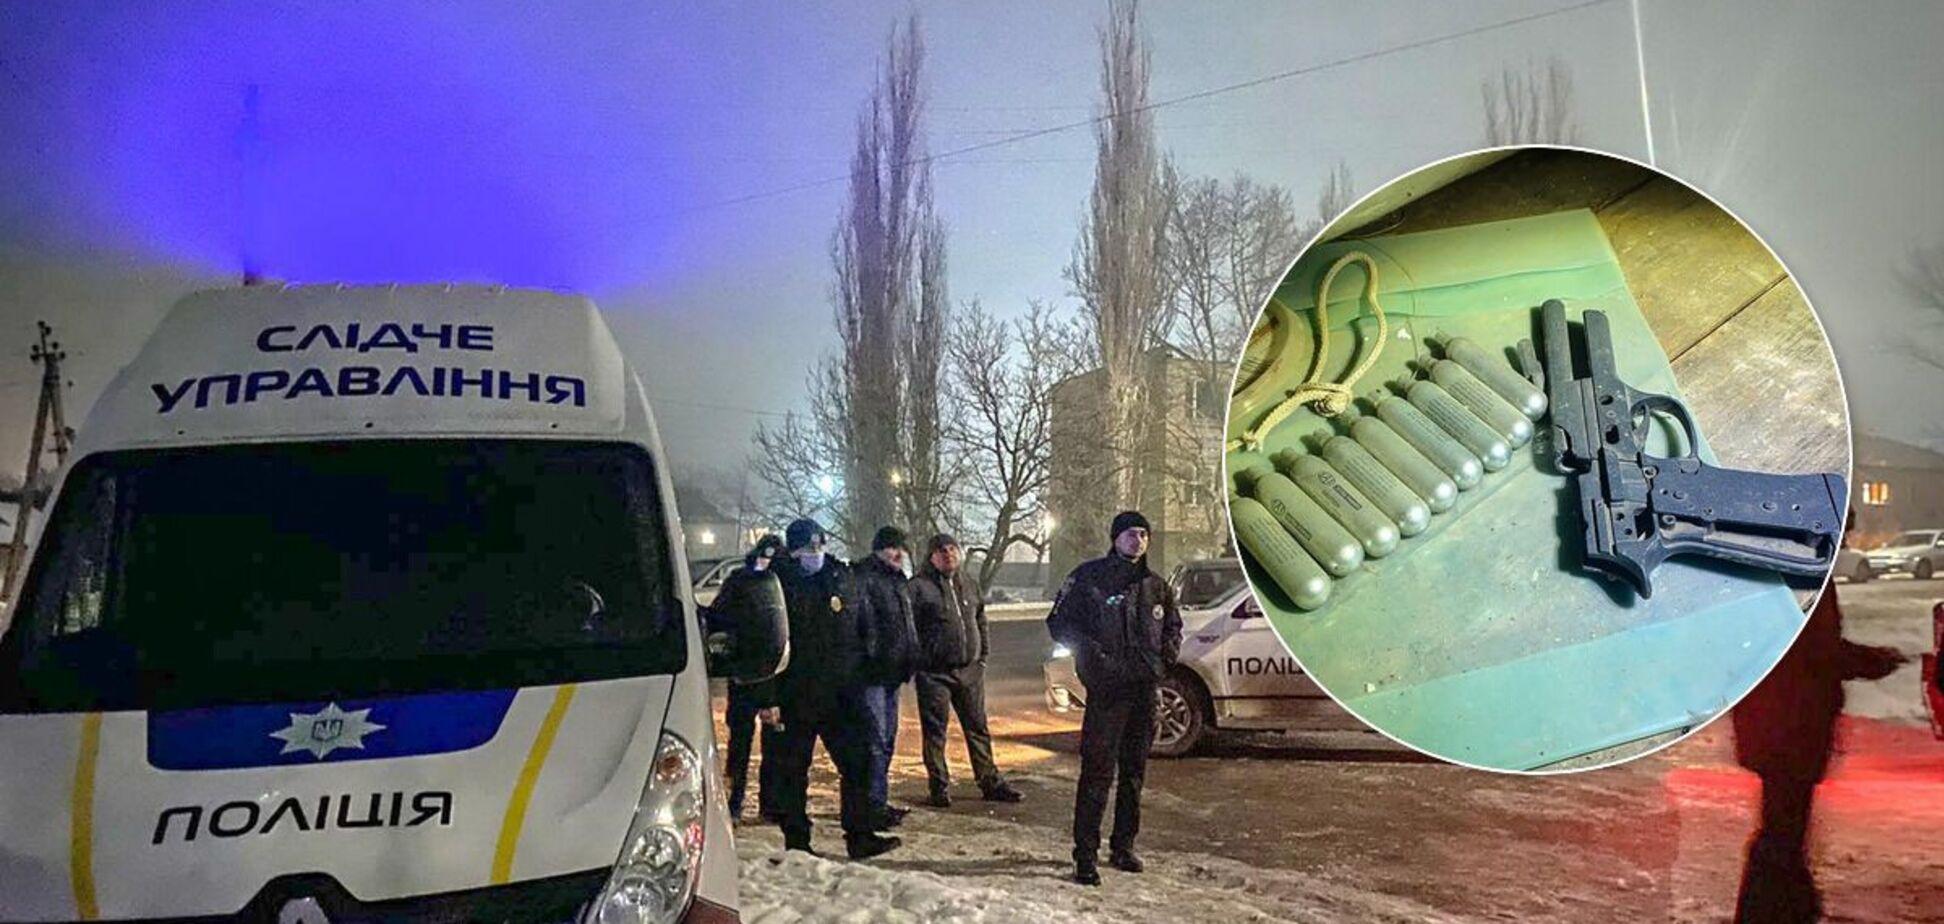 На Миколаївщині син порізав батька та влаштував перестрілку з поліцією: багато поранених. Відео та фото